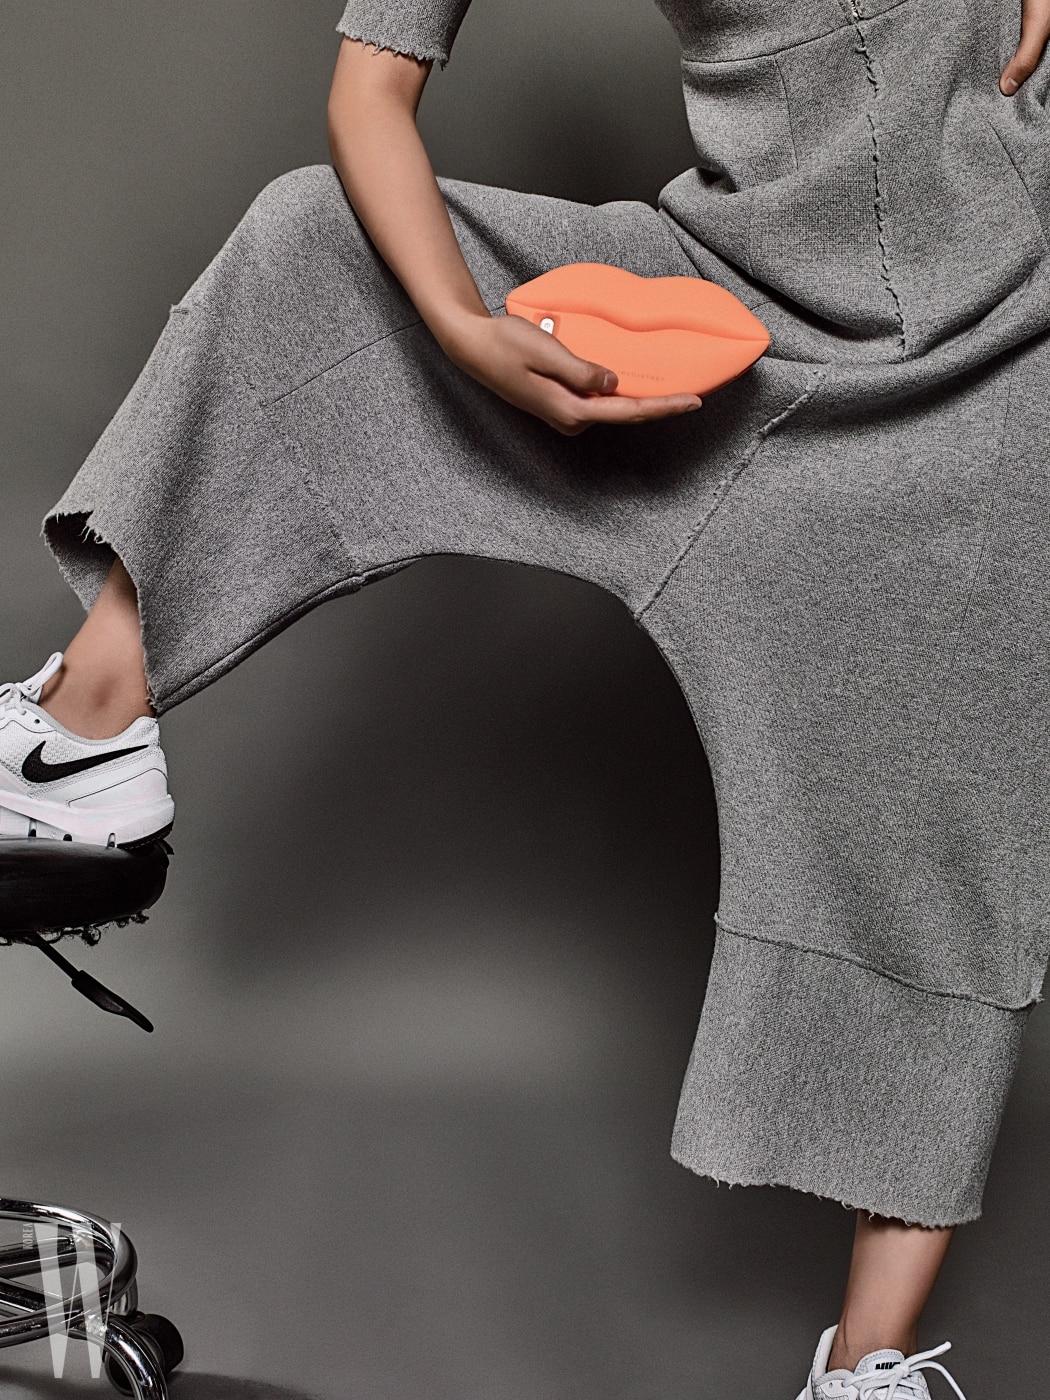 회색 점프슈트는 가격 미정, 입술 모양의 고무 소재 핸드폰 케이스는 11만원대, 모두 스텔라 매카트니 제품. 하얀색 러닝화는 나이키 제품. 가격 미정.